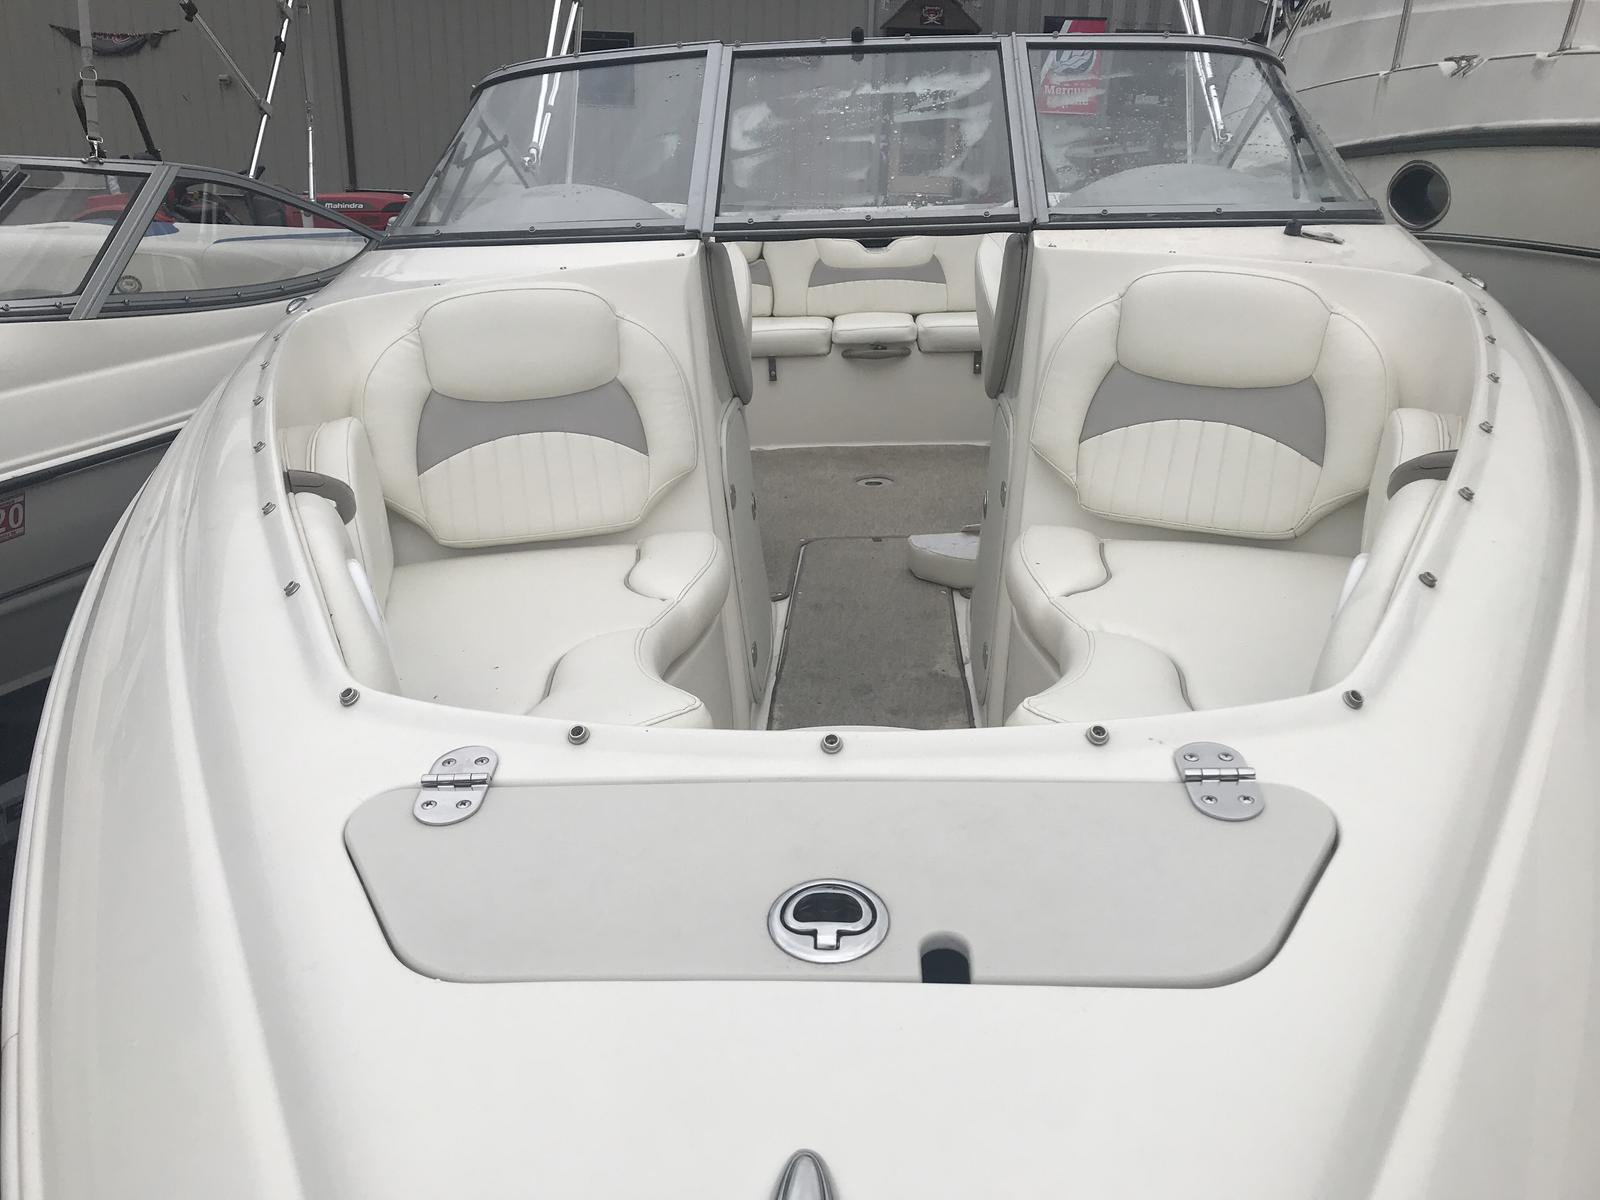 2010 Stingray Boats 225LR